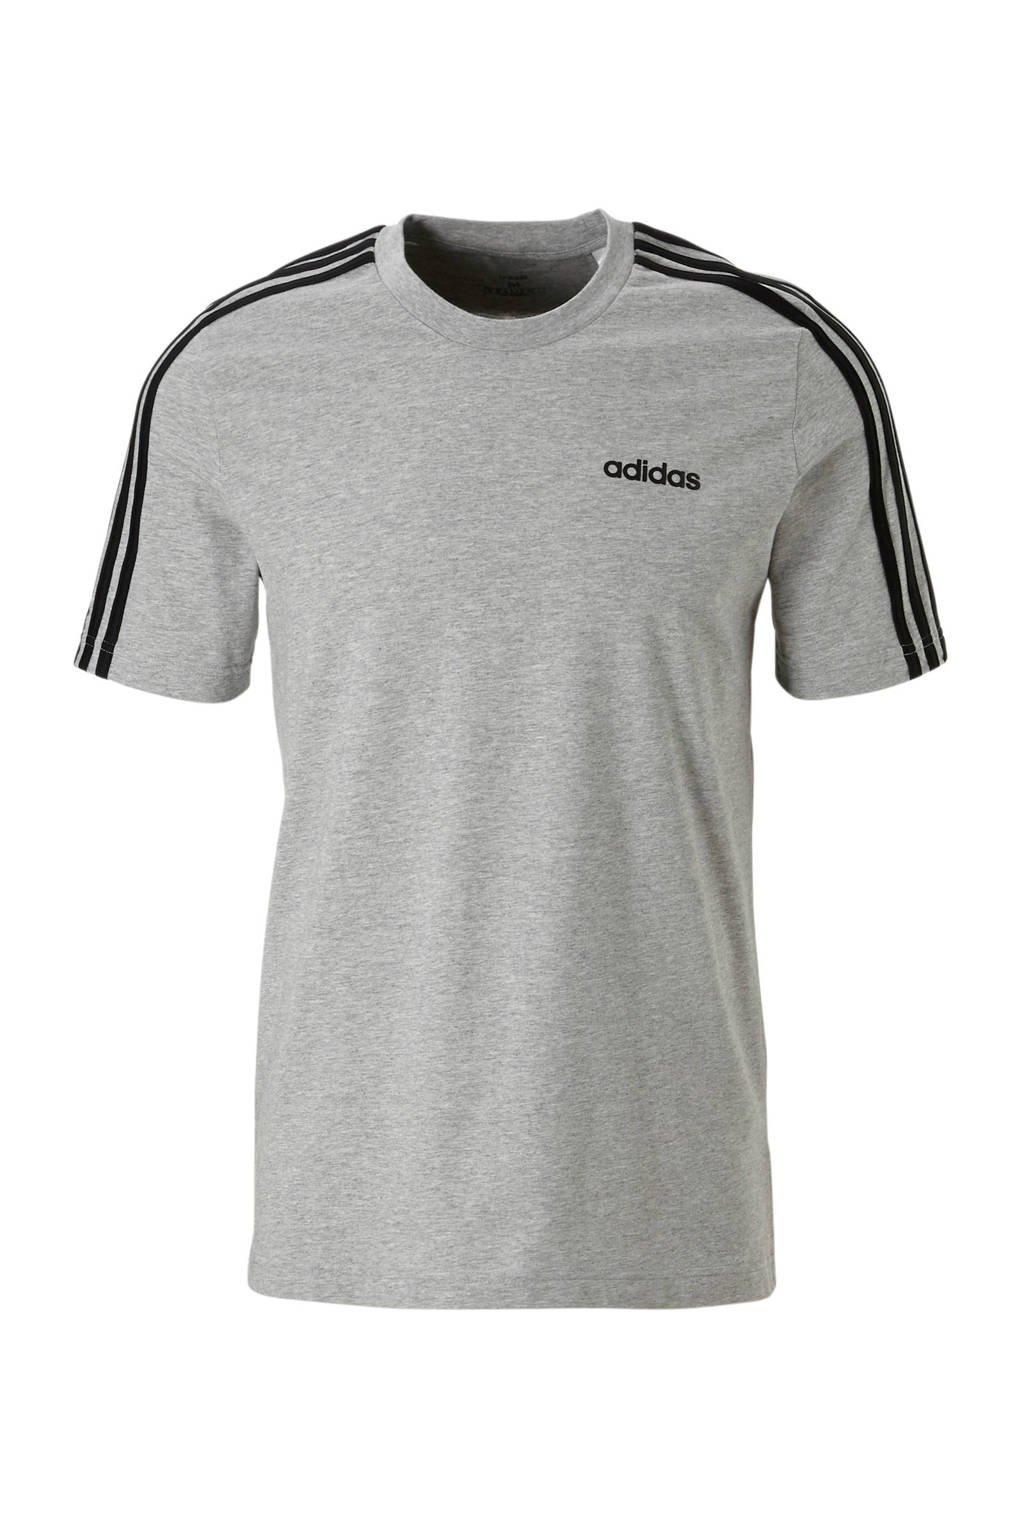 adidas performance   sport T-shirt, Grijs melange/zwart